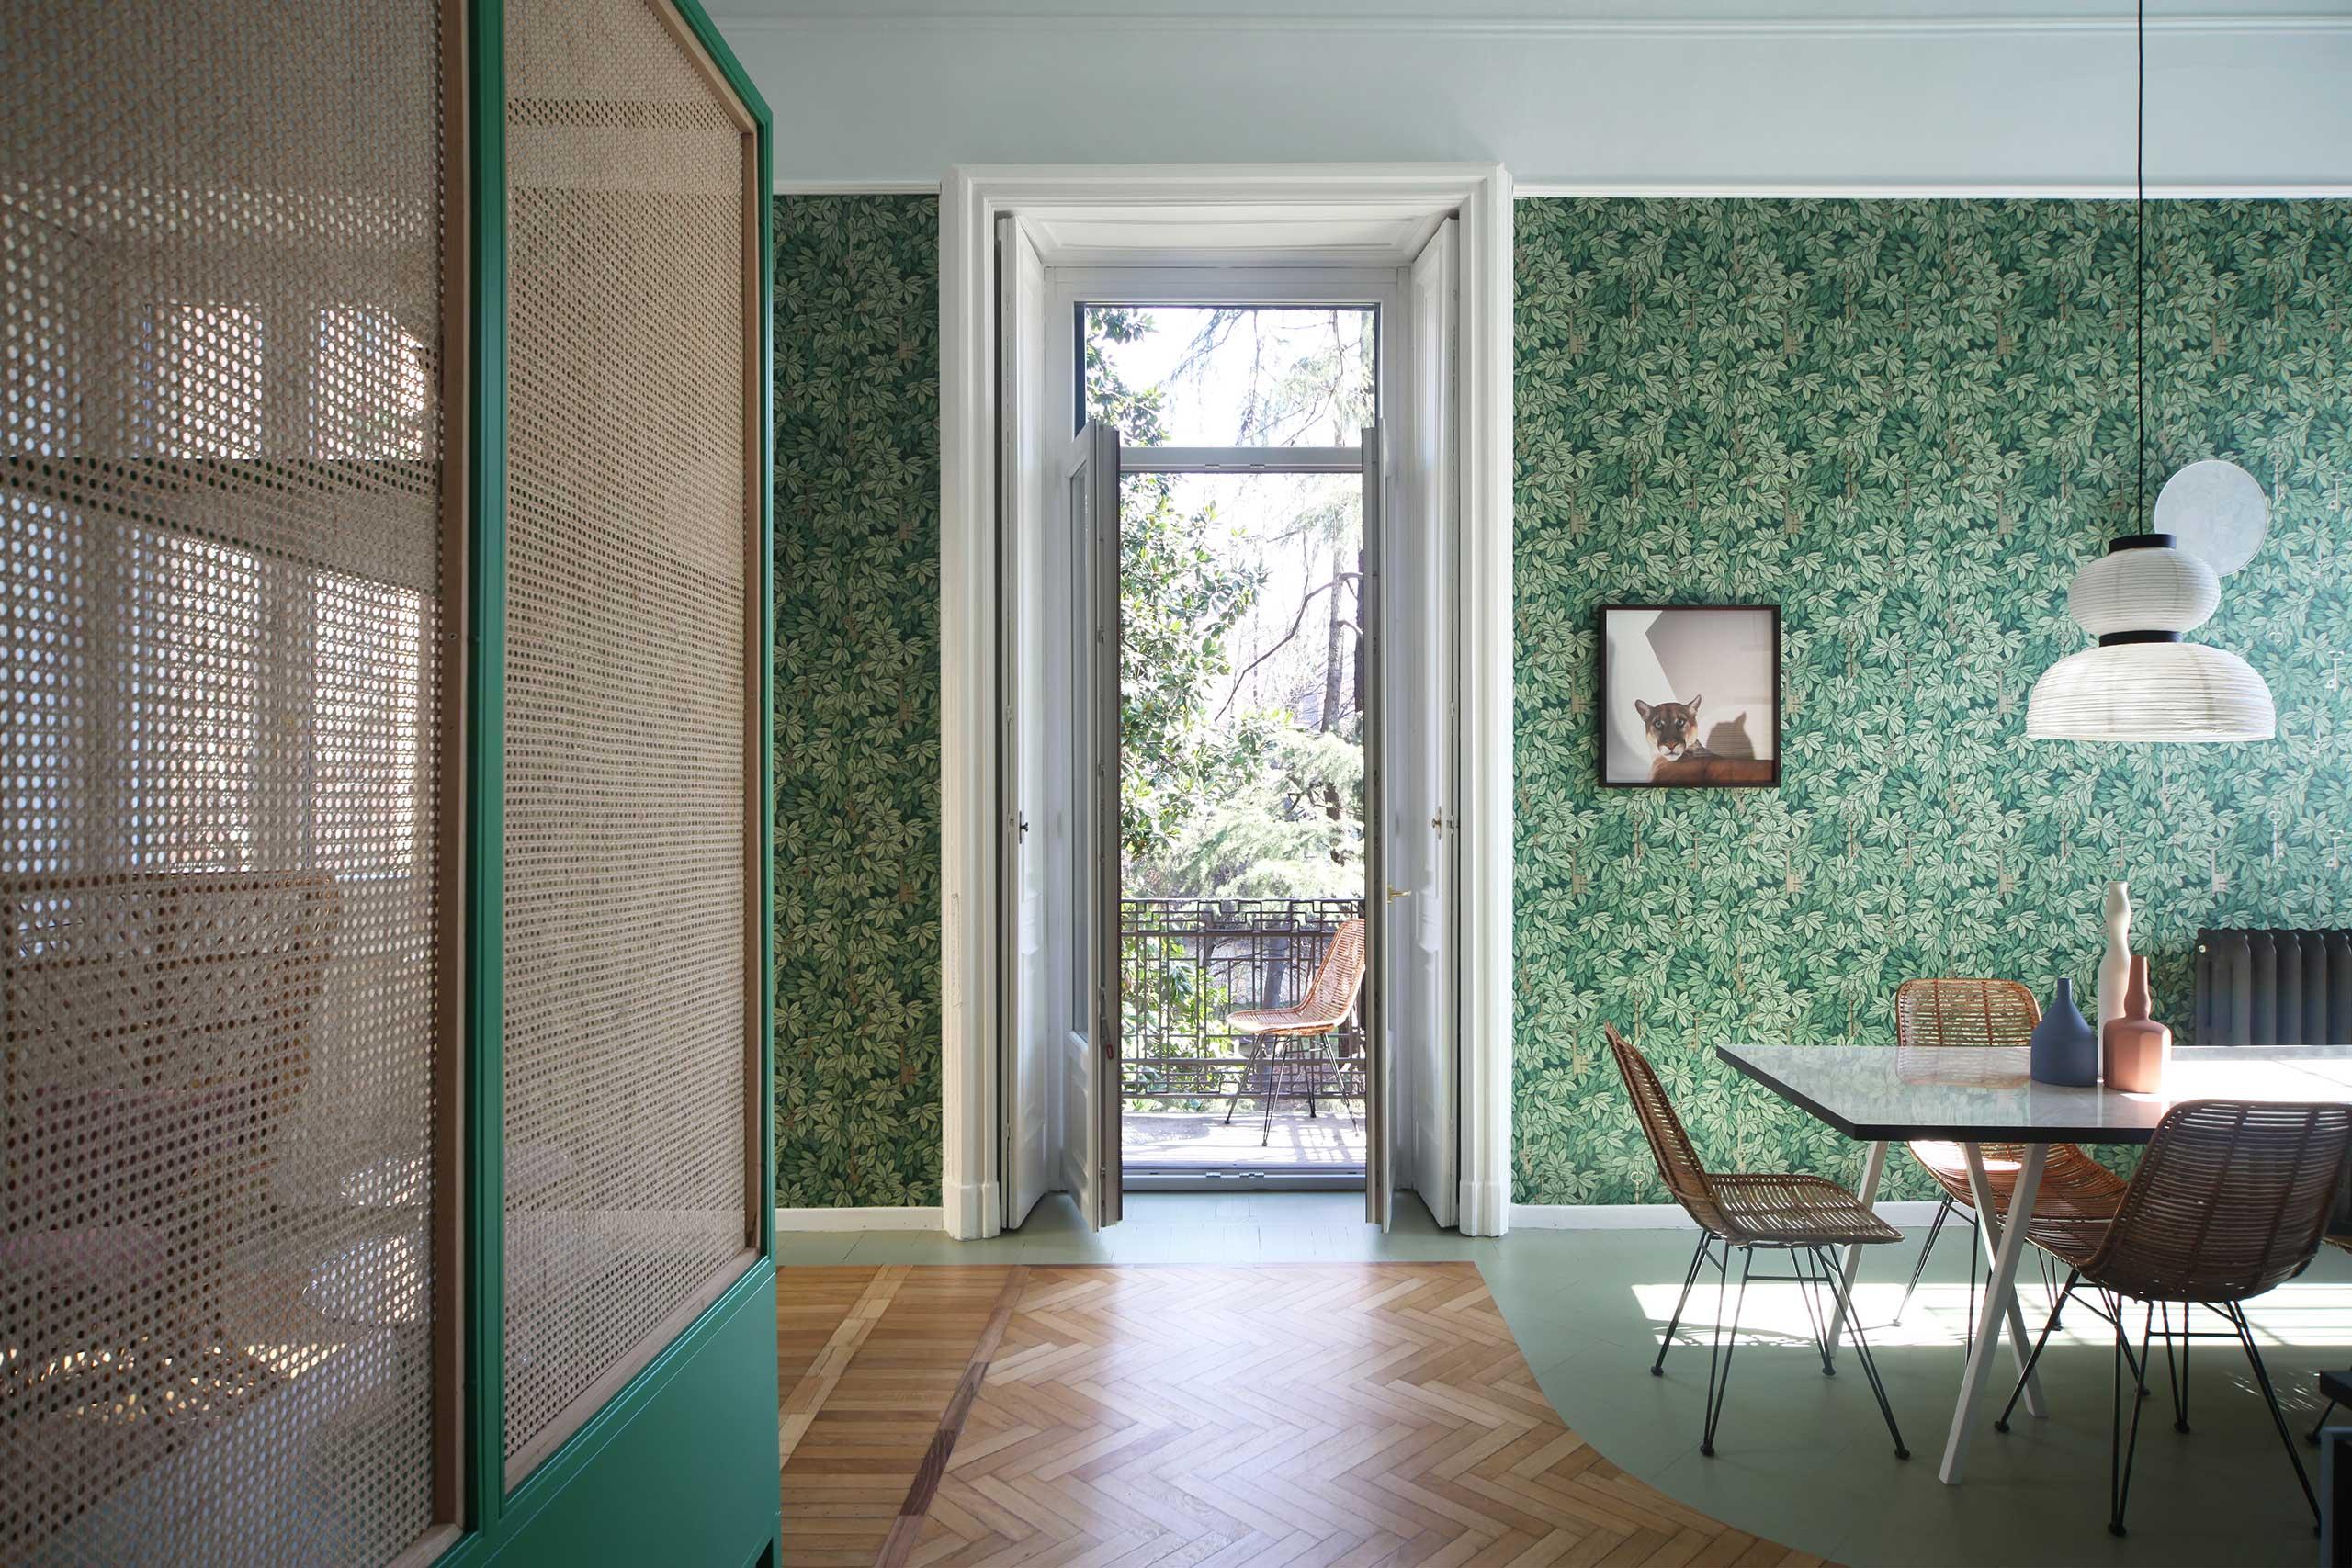 Ravishing colors bring this Milan apartment renovation to life